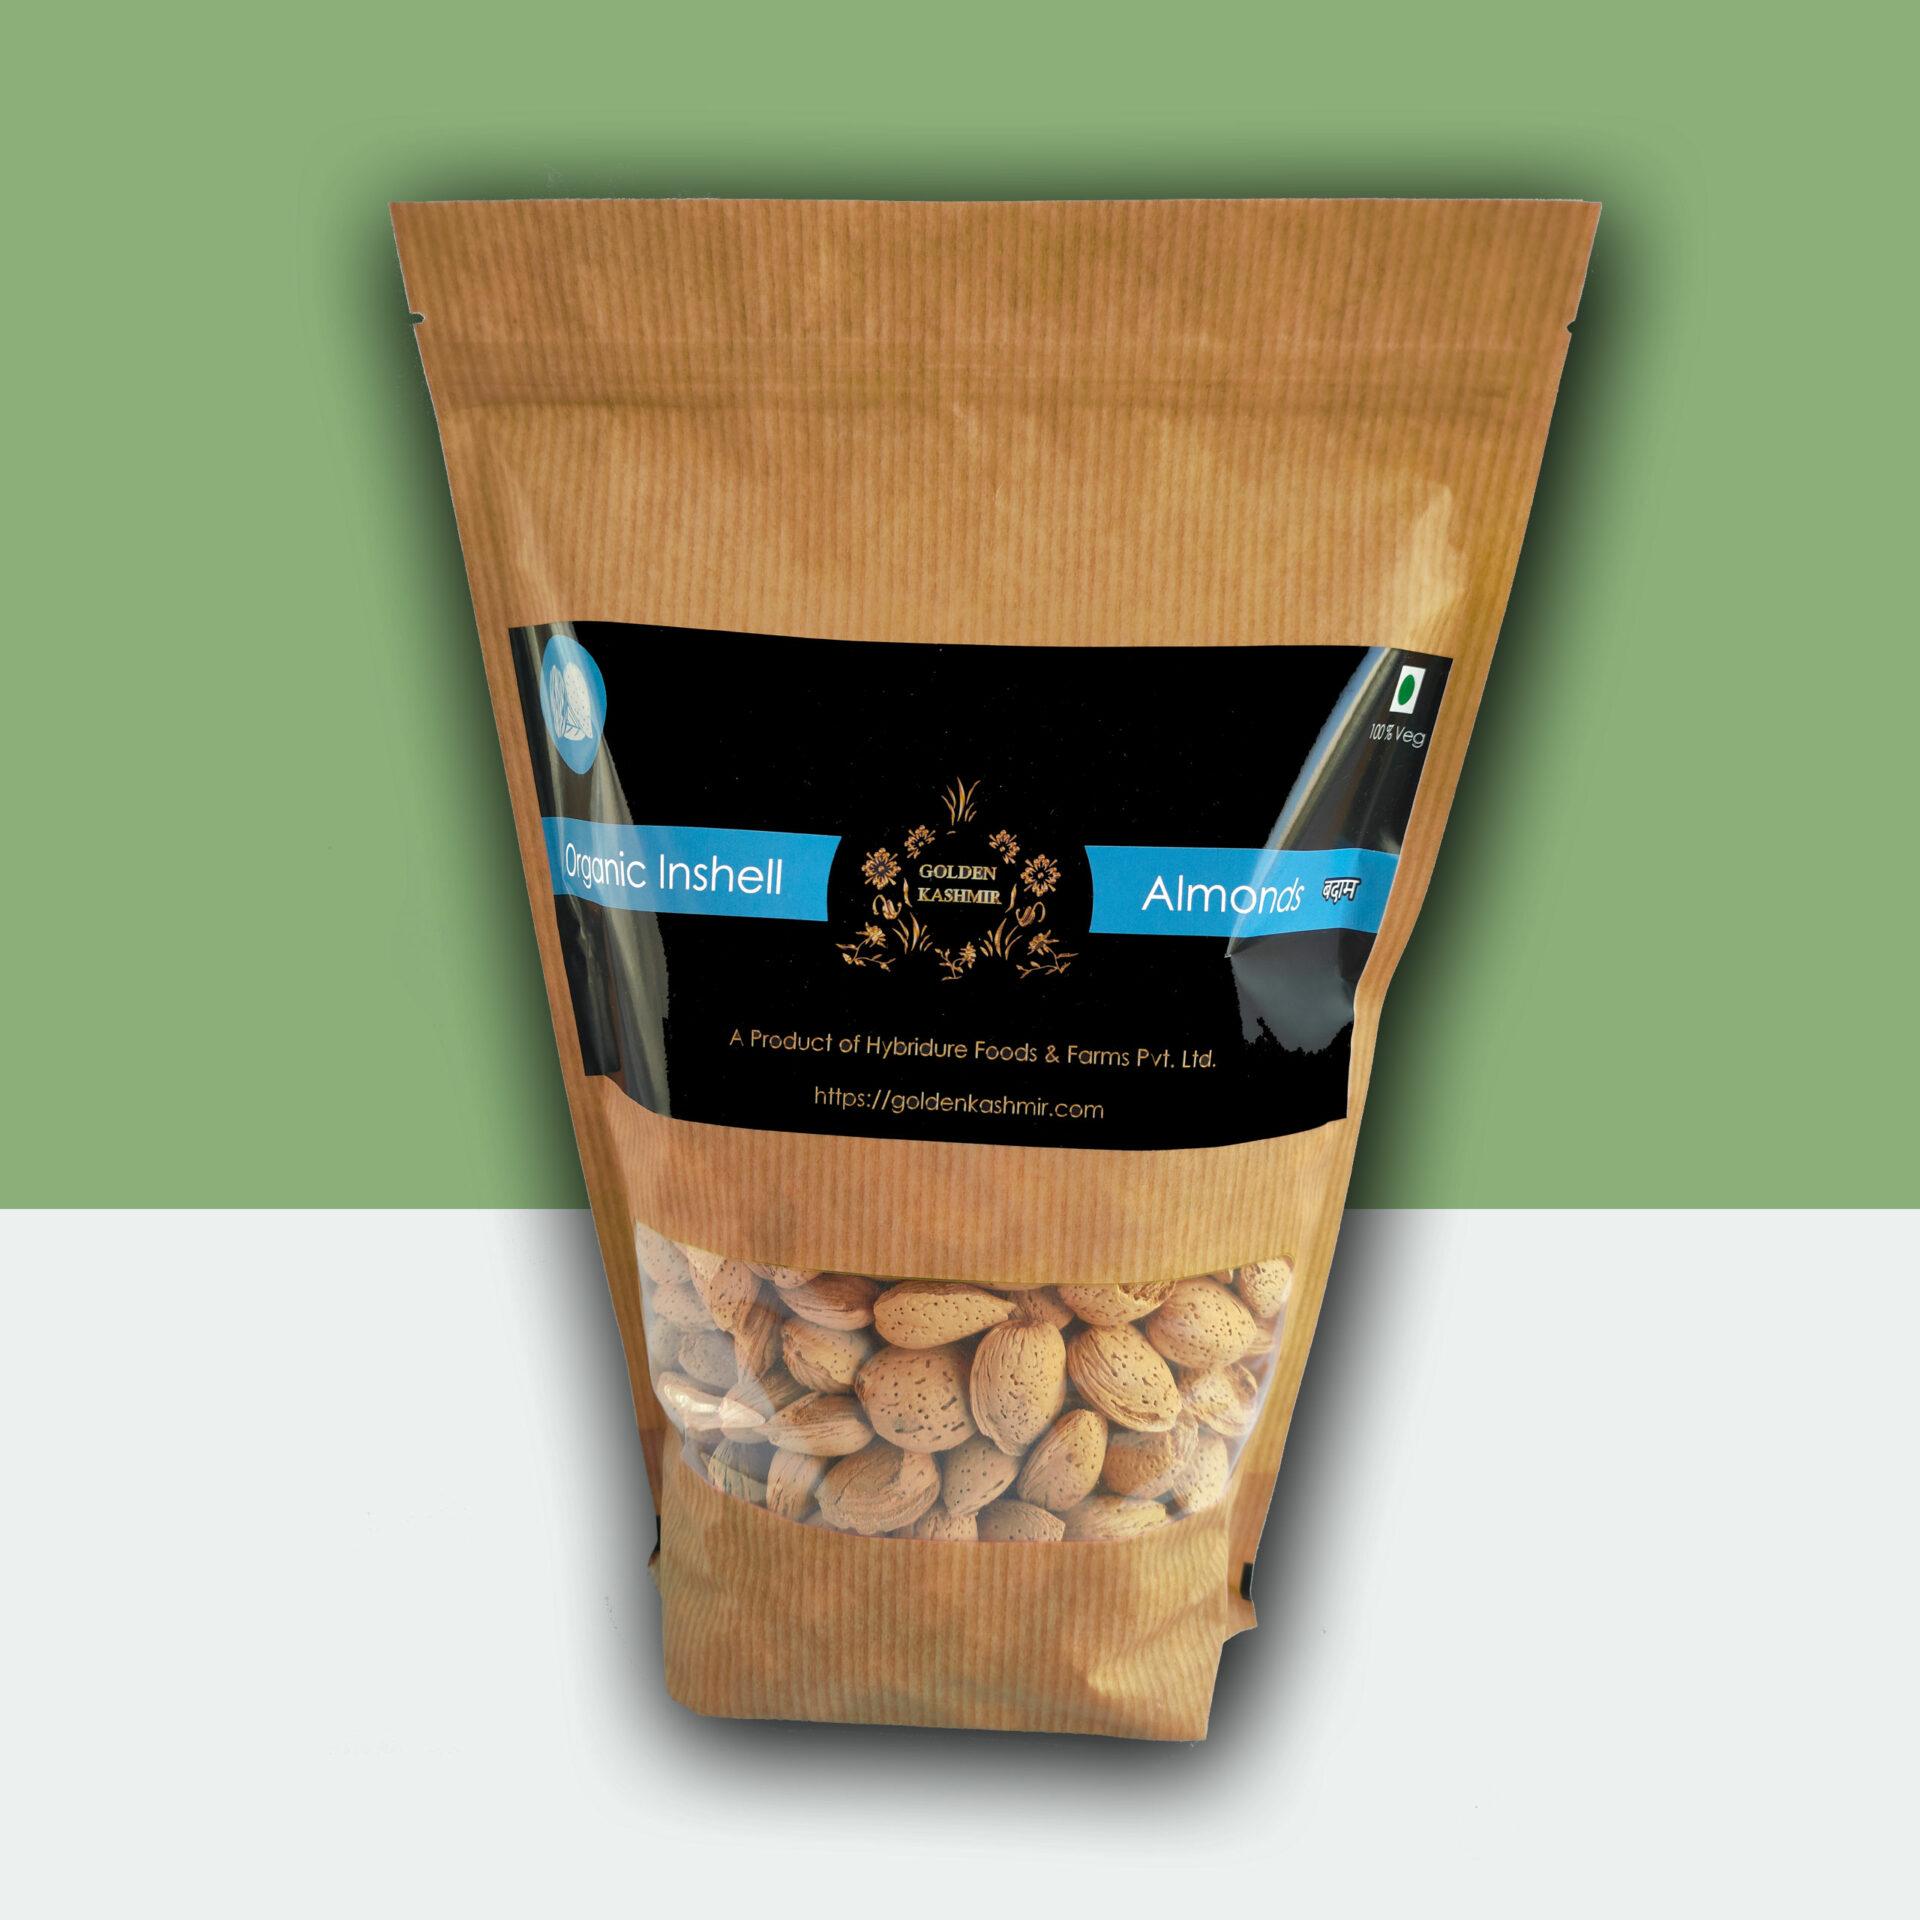 Golden Kashmir Premium Inshell Almonds   900G (2Lbs)